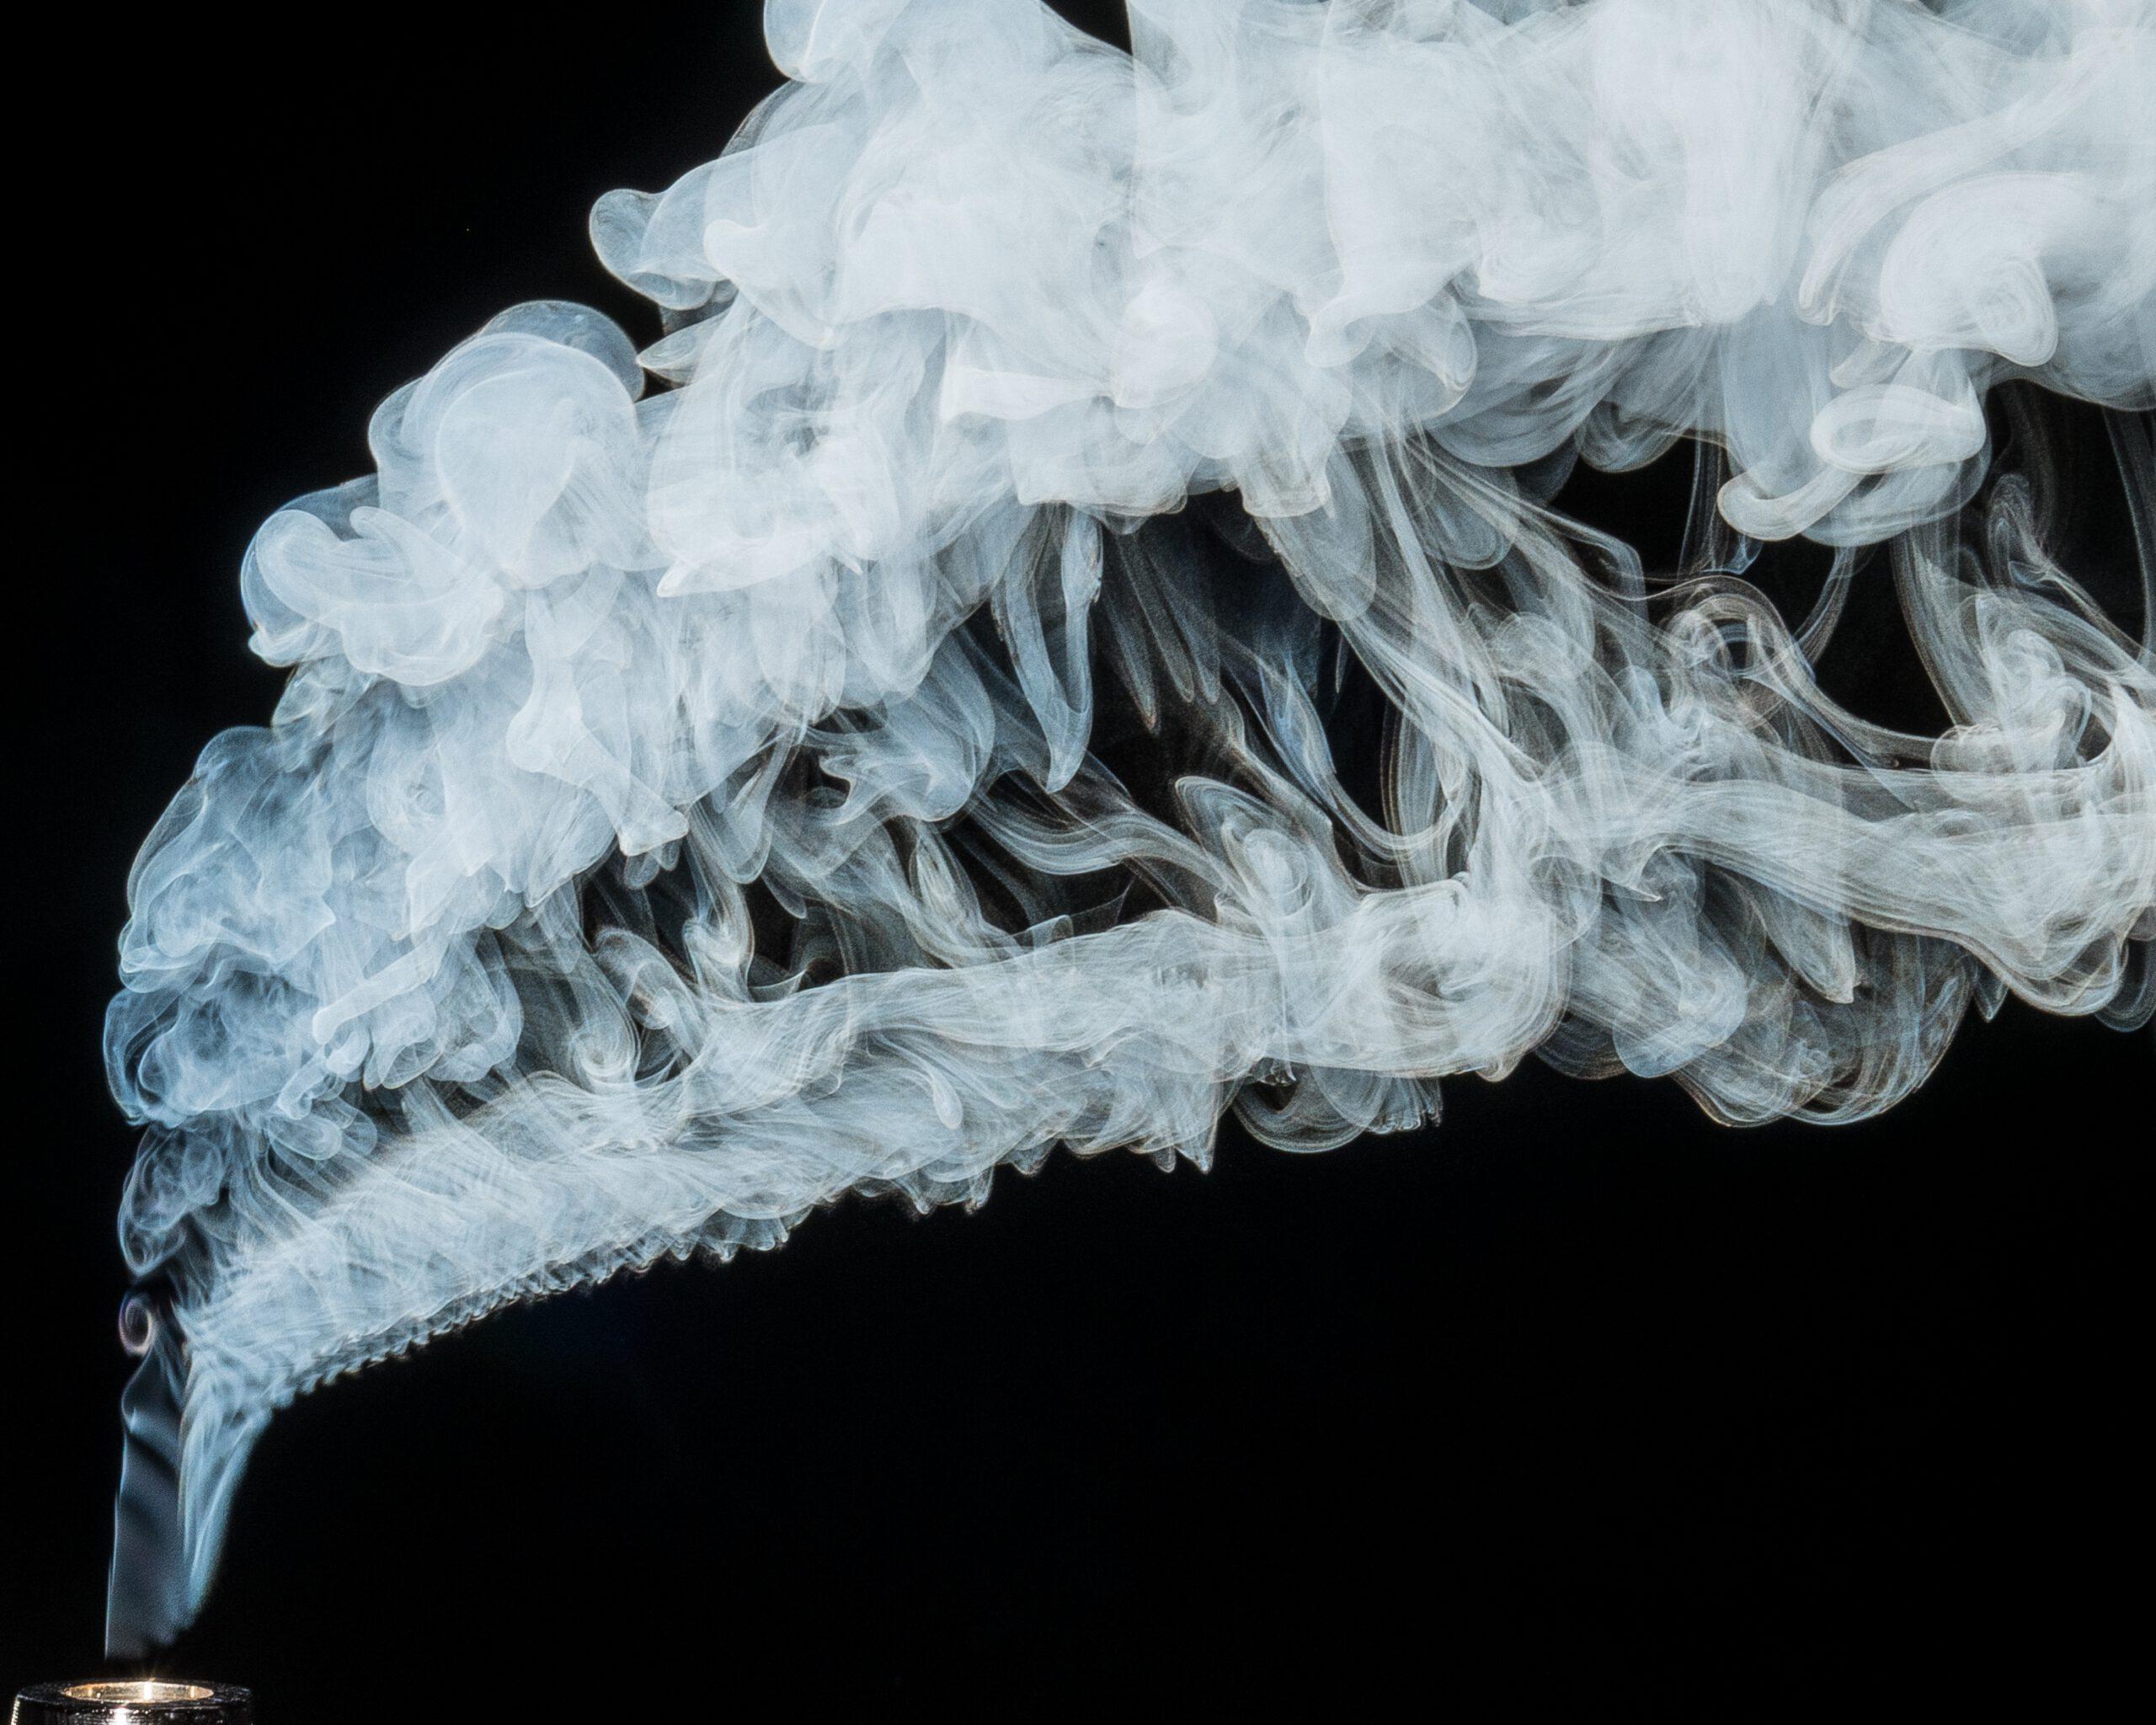 Aus einer E-Zigarette zieht Rauch auf